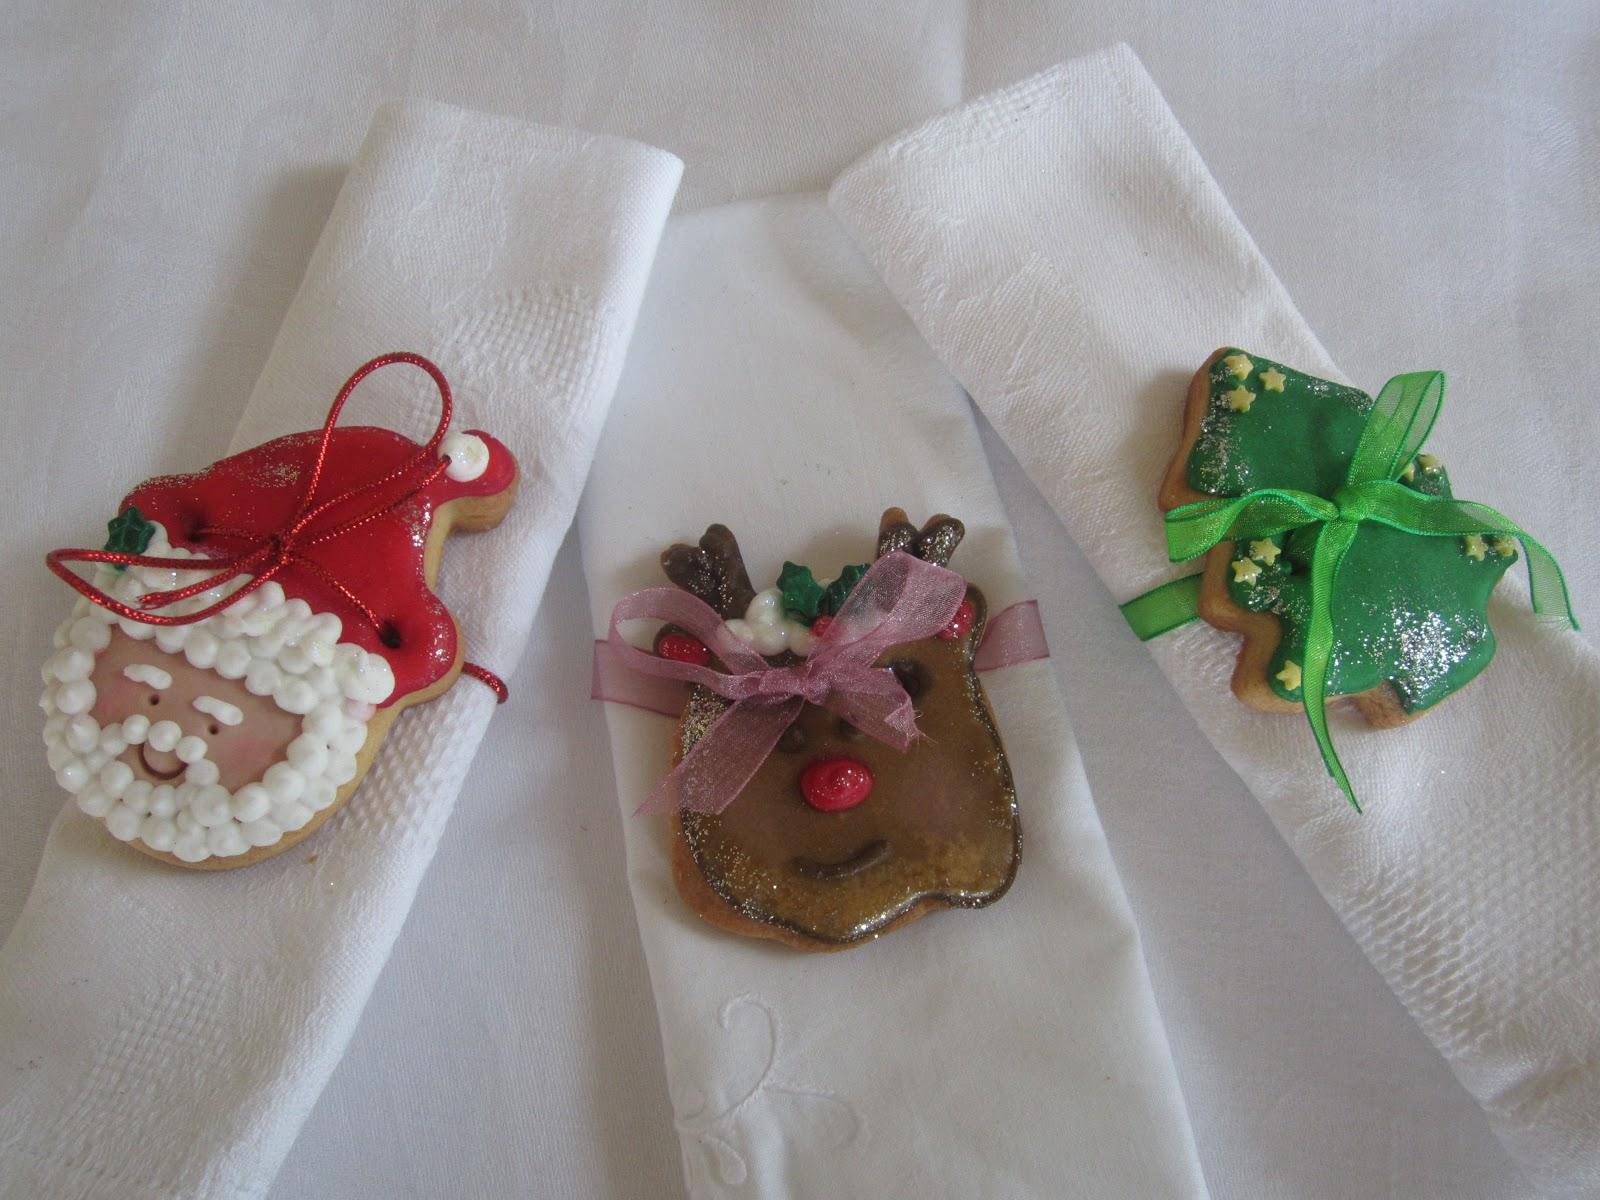 La cocina de cris y laura ideas para decorar la mesa en - Decorar la mesa en navidad ...